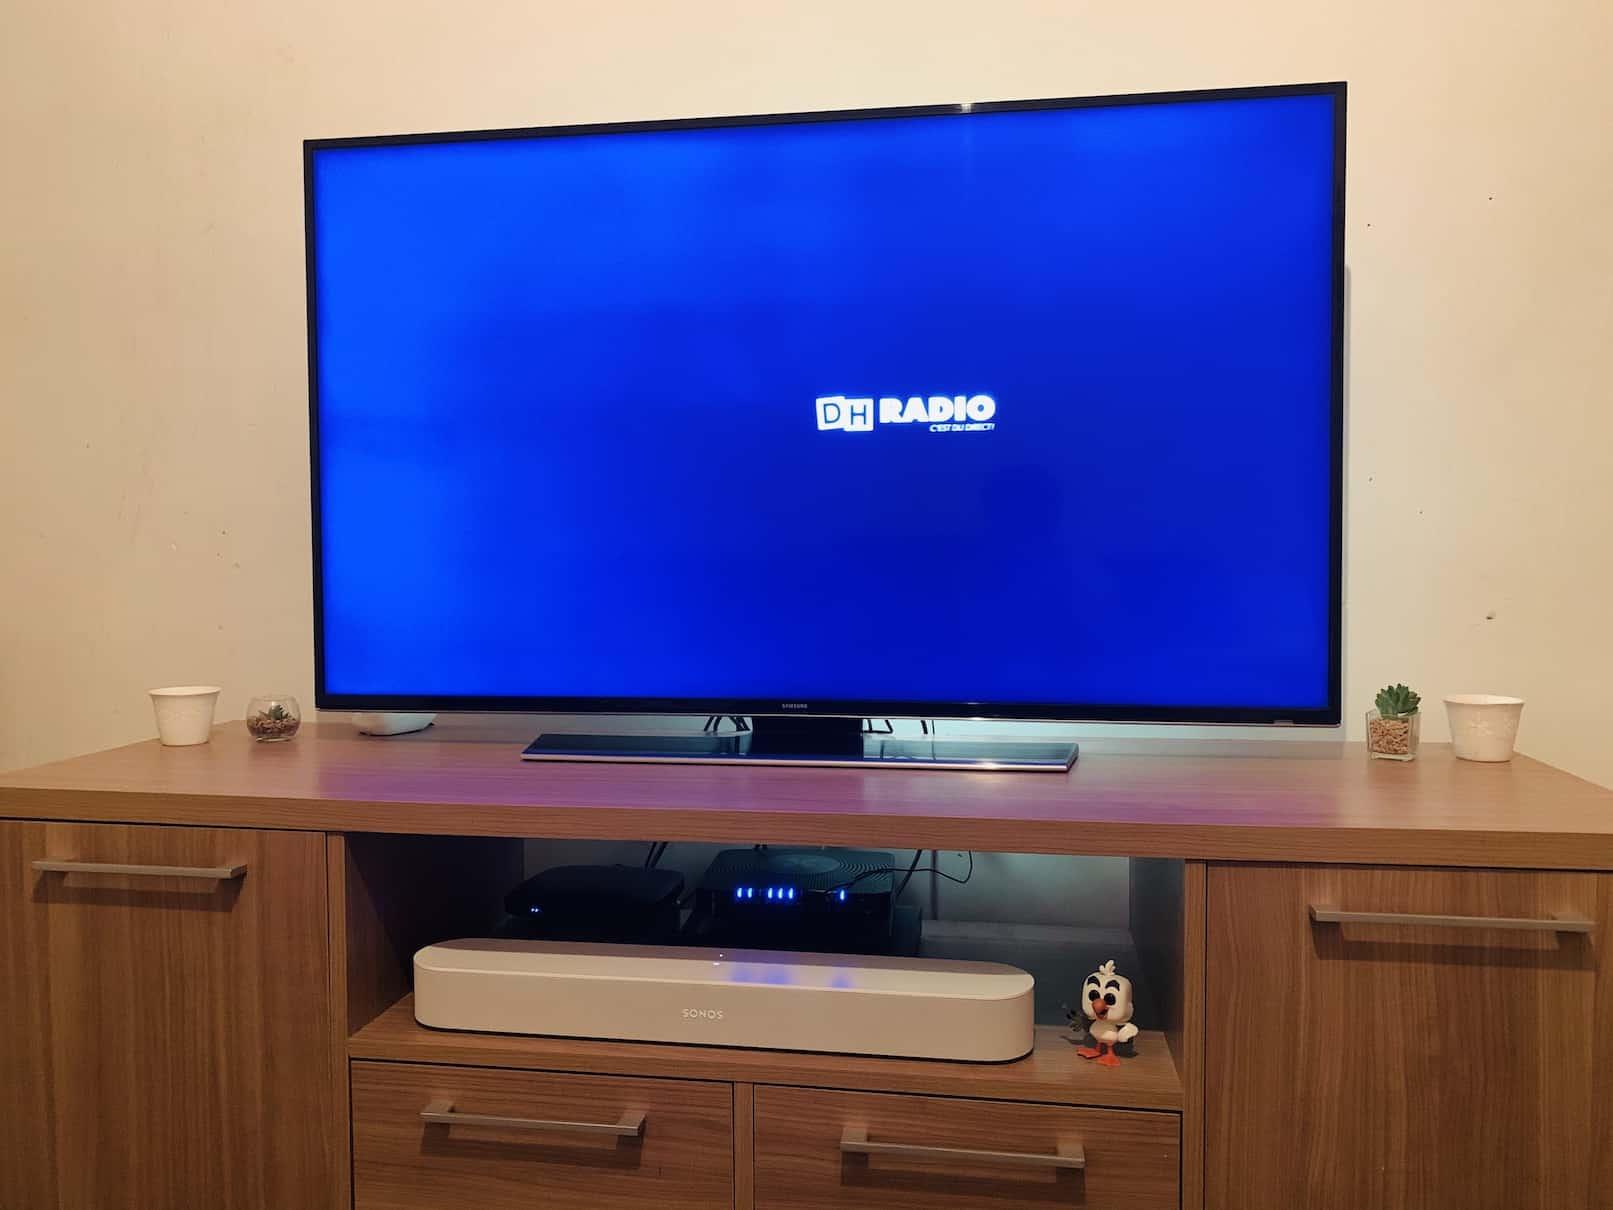 La Sonos Beam peut vraiment s'exprimer lorsqu'elle est utilisé avec une télé compatible